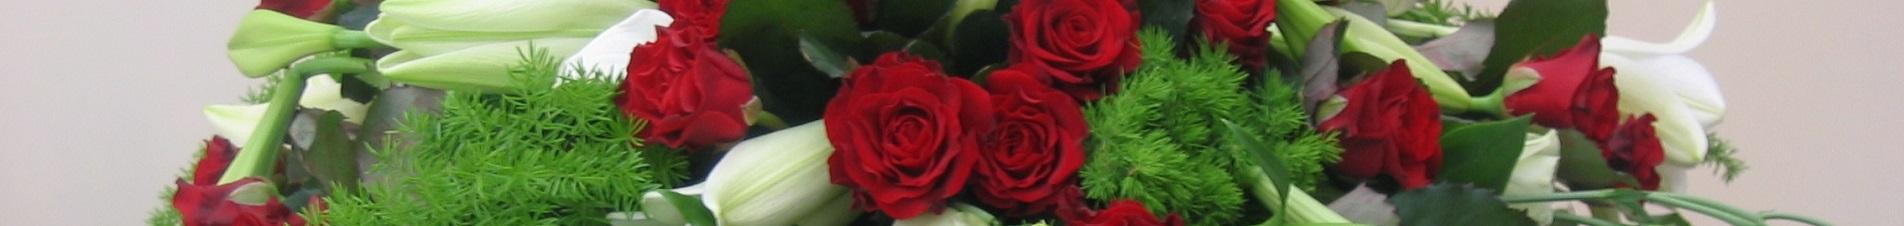 bloemen versturen naar  condoleance boeket